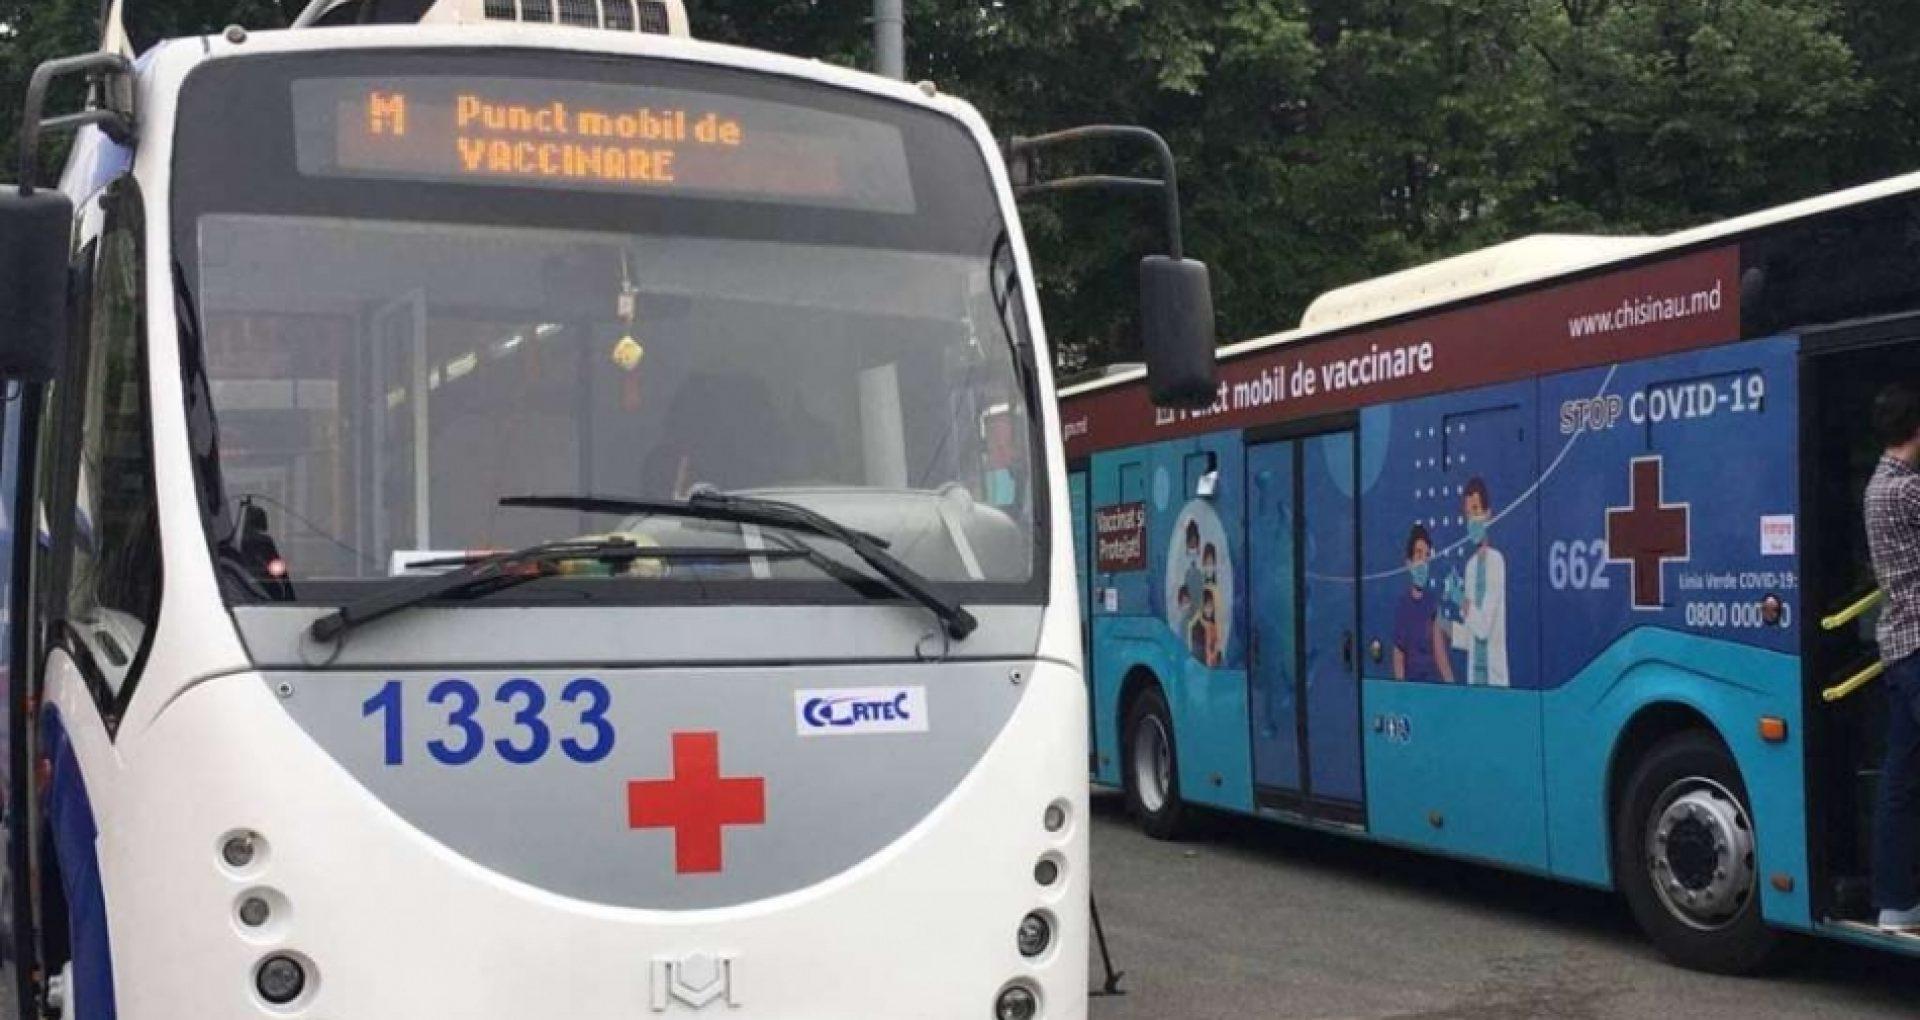 DOC/ Punctele mobile de vaccinare antiCOVID-19 vor activa și în august